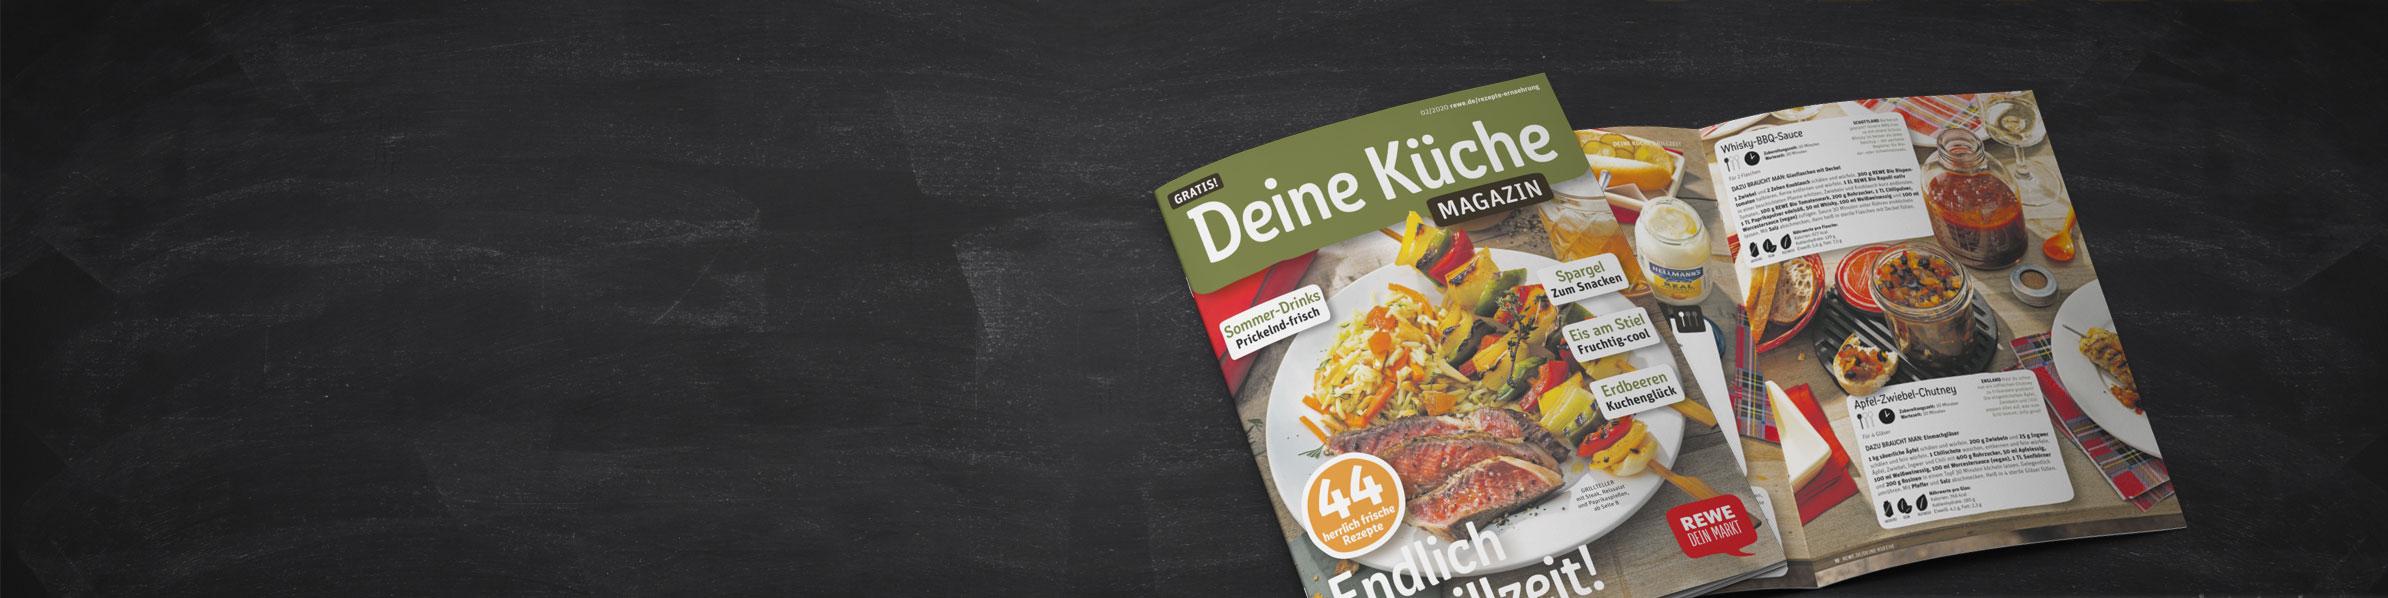 REWE - Deine Küche Magazin 02-2020